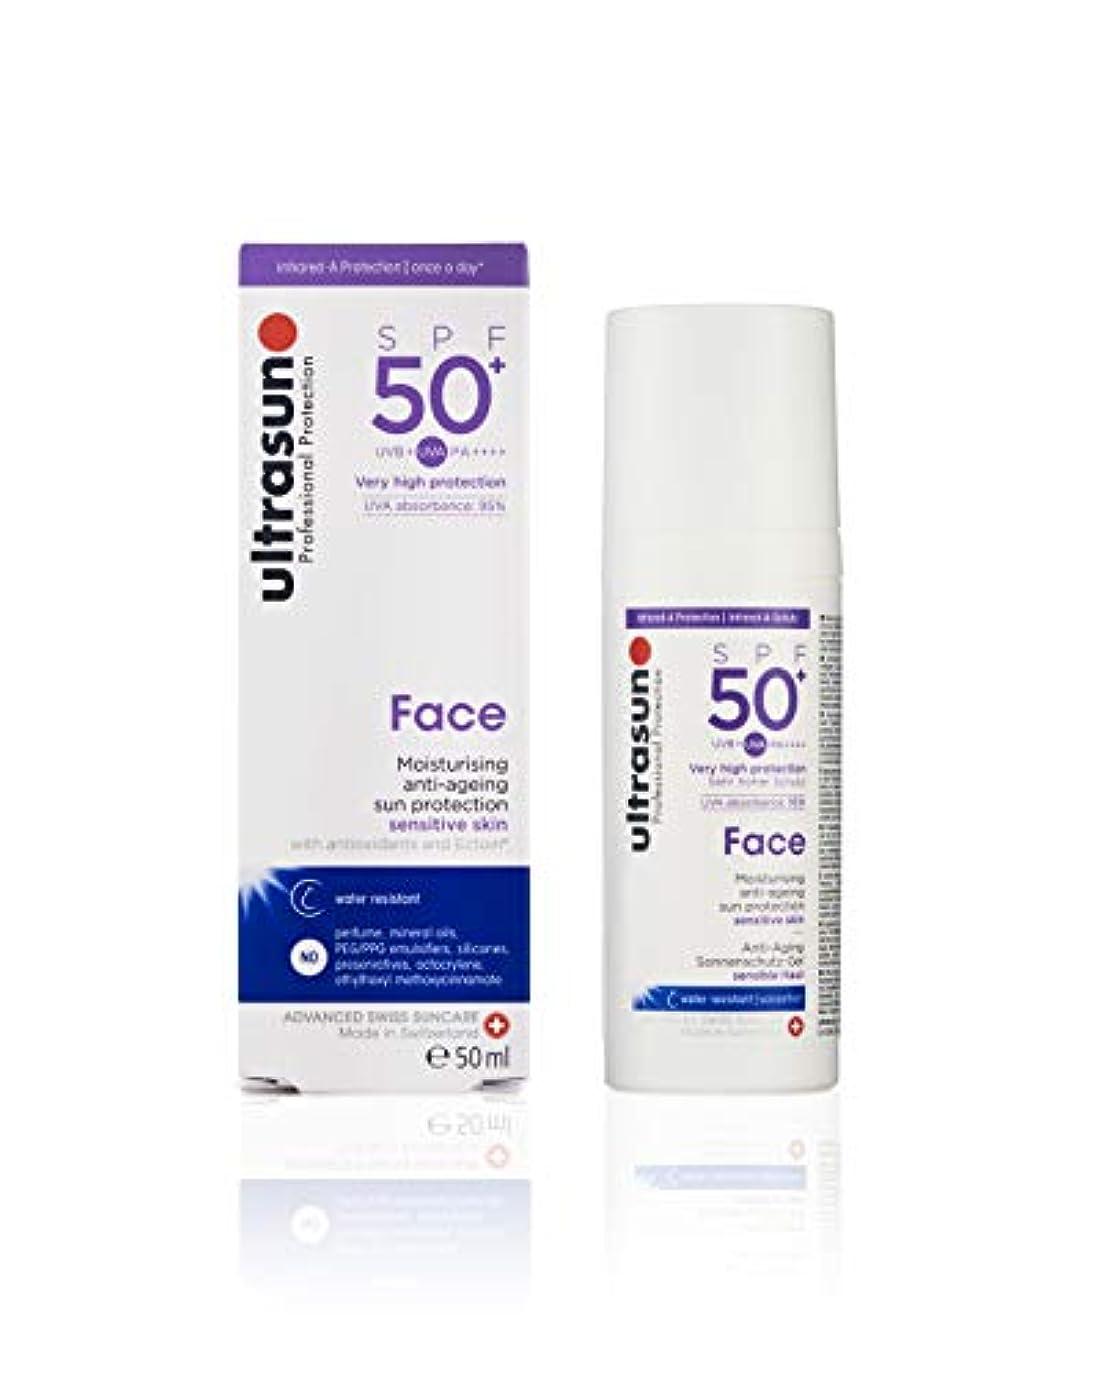 気楽な信頼風景アルトラサン 日やけ止めクリーム フェイス UV 敏感肌用 SPF50+ PA++++ トリプルプロテクション 50mL